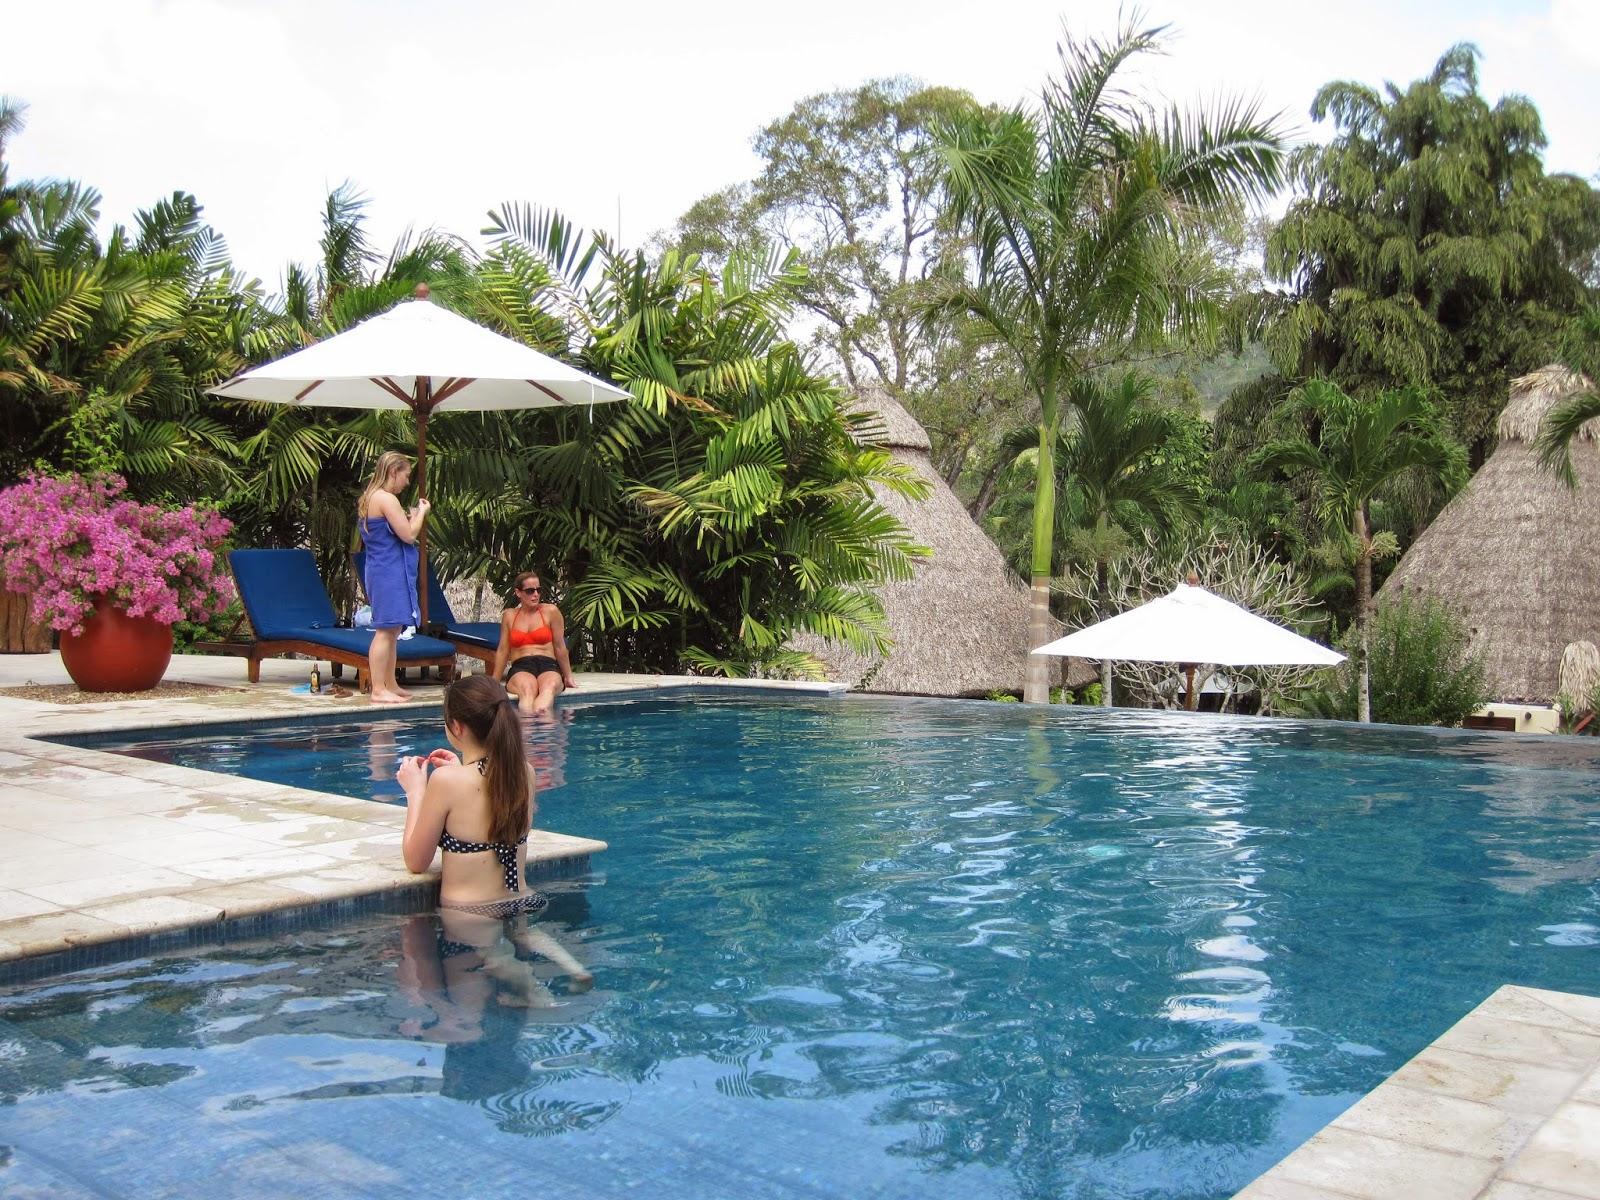 Best resort in belize with teens